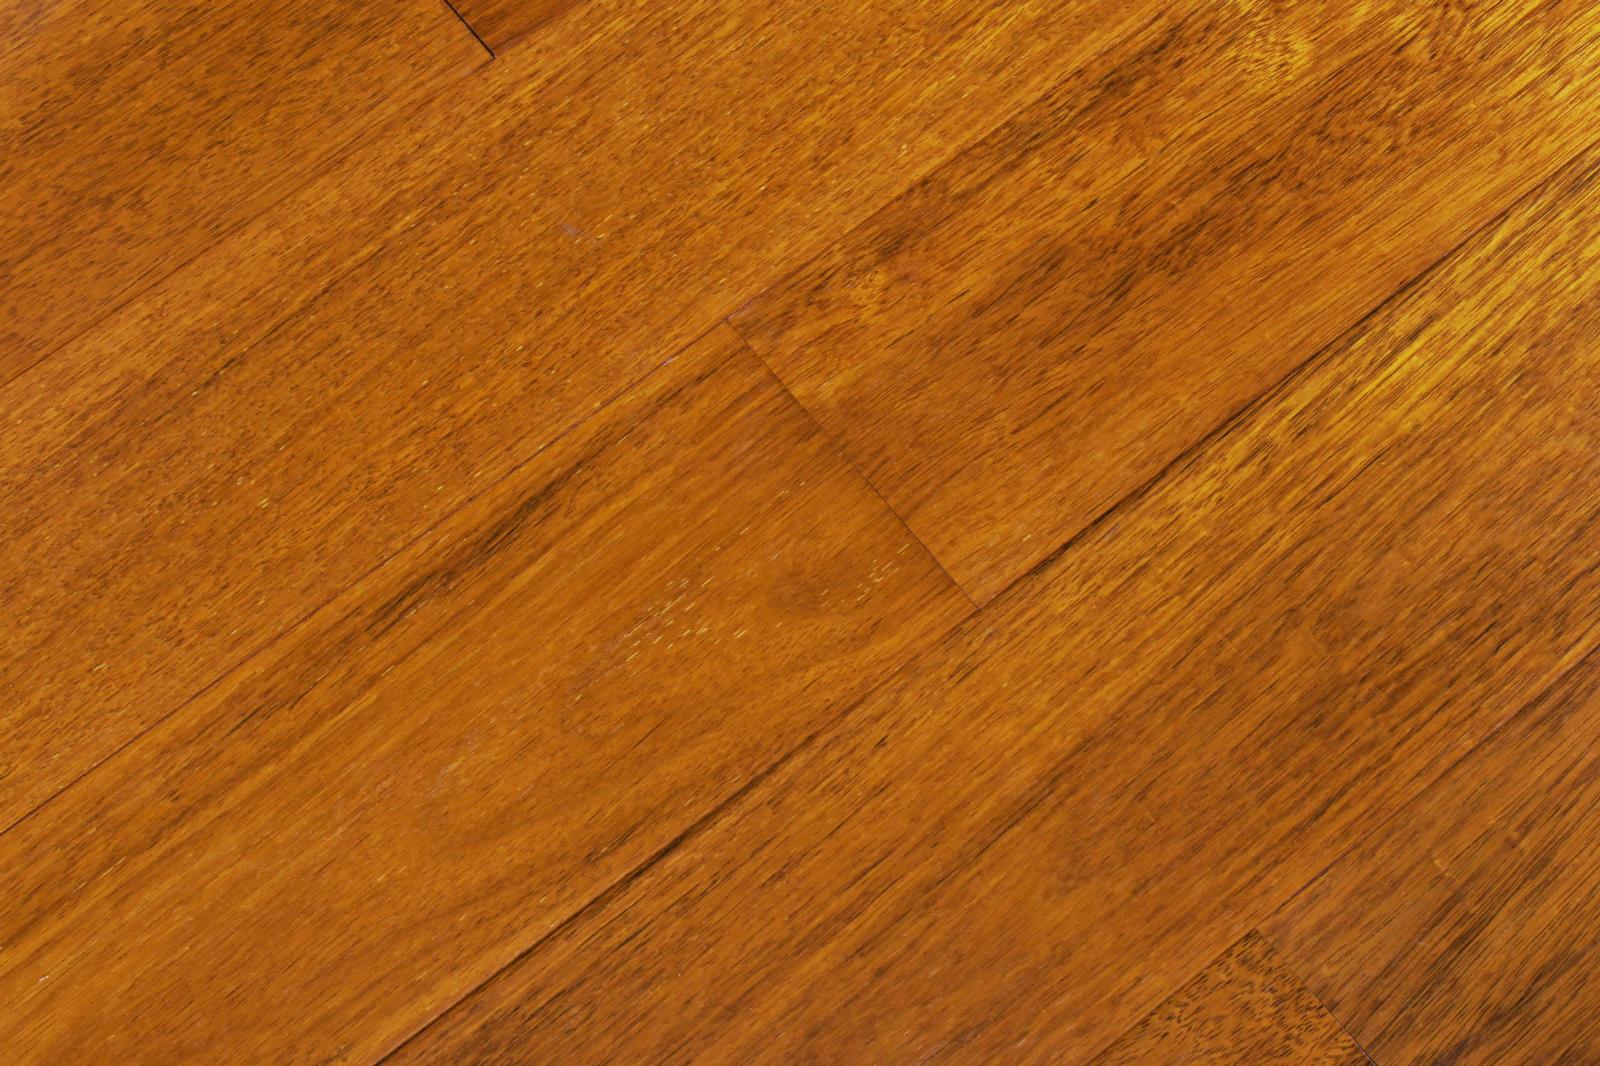 印茄木-黄金色色-平面-YS-K-108